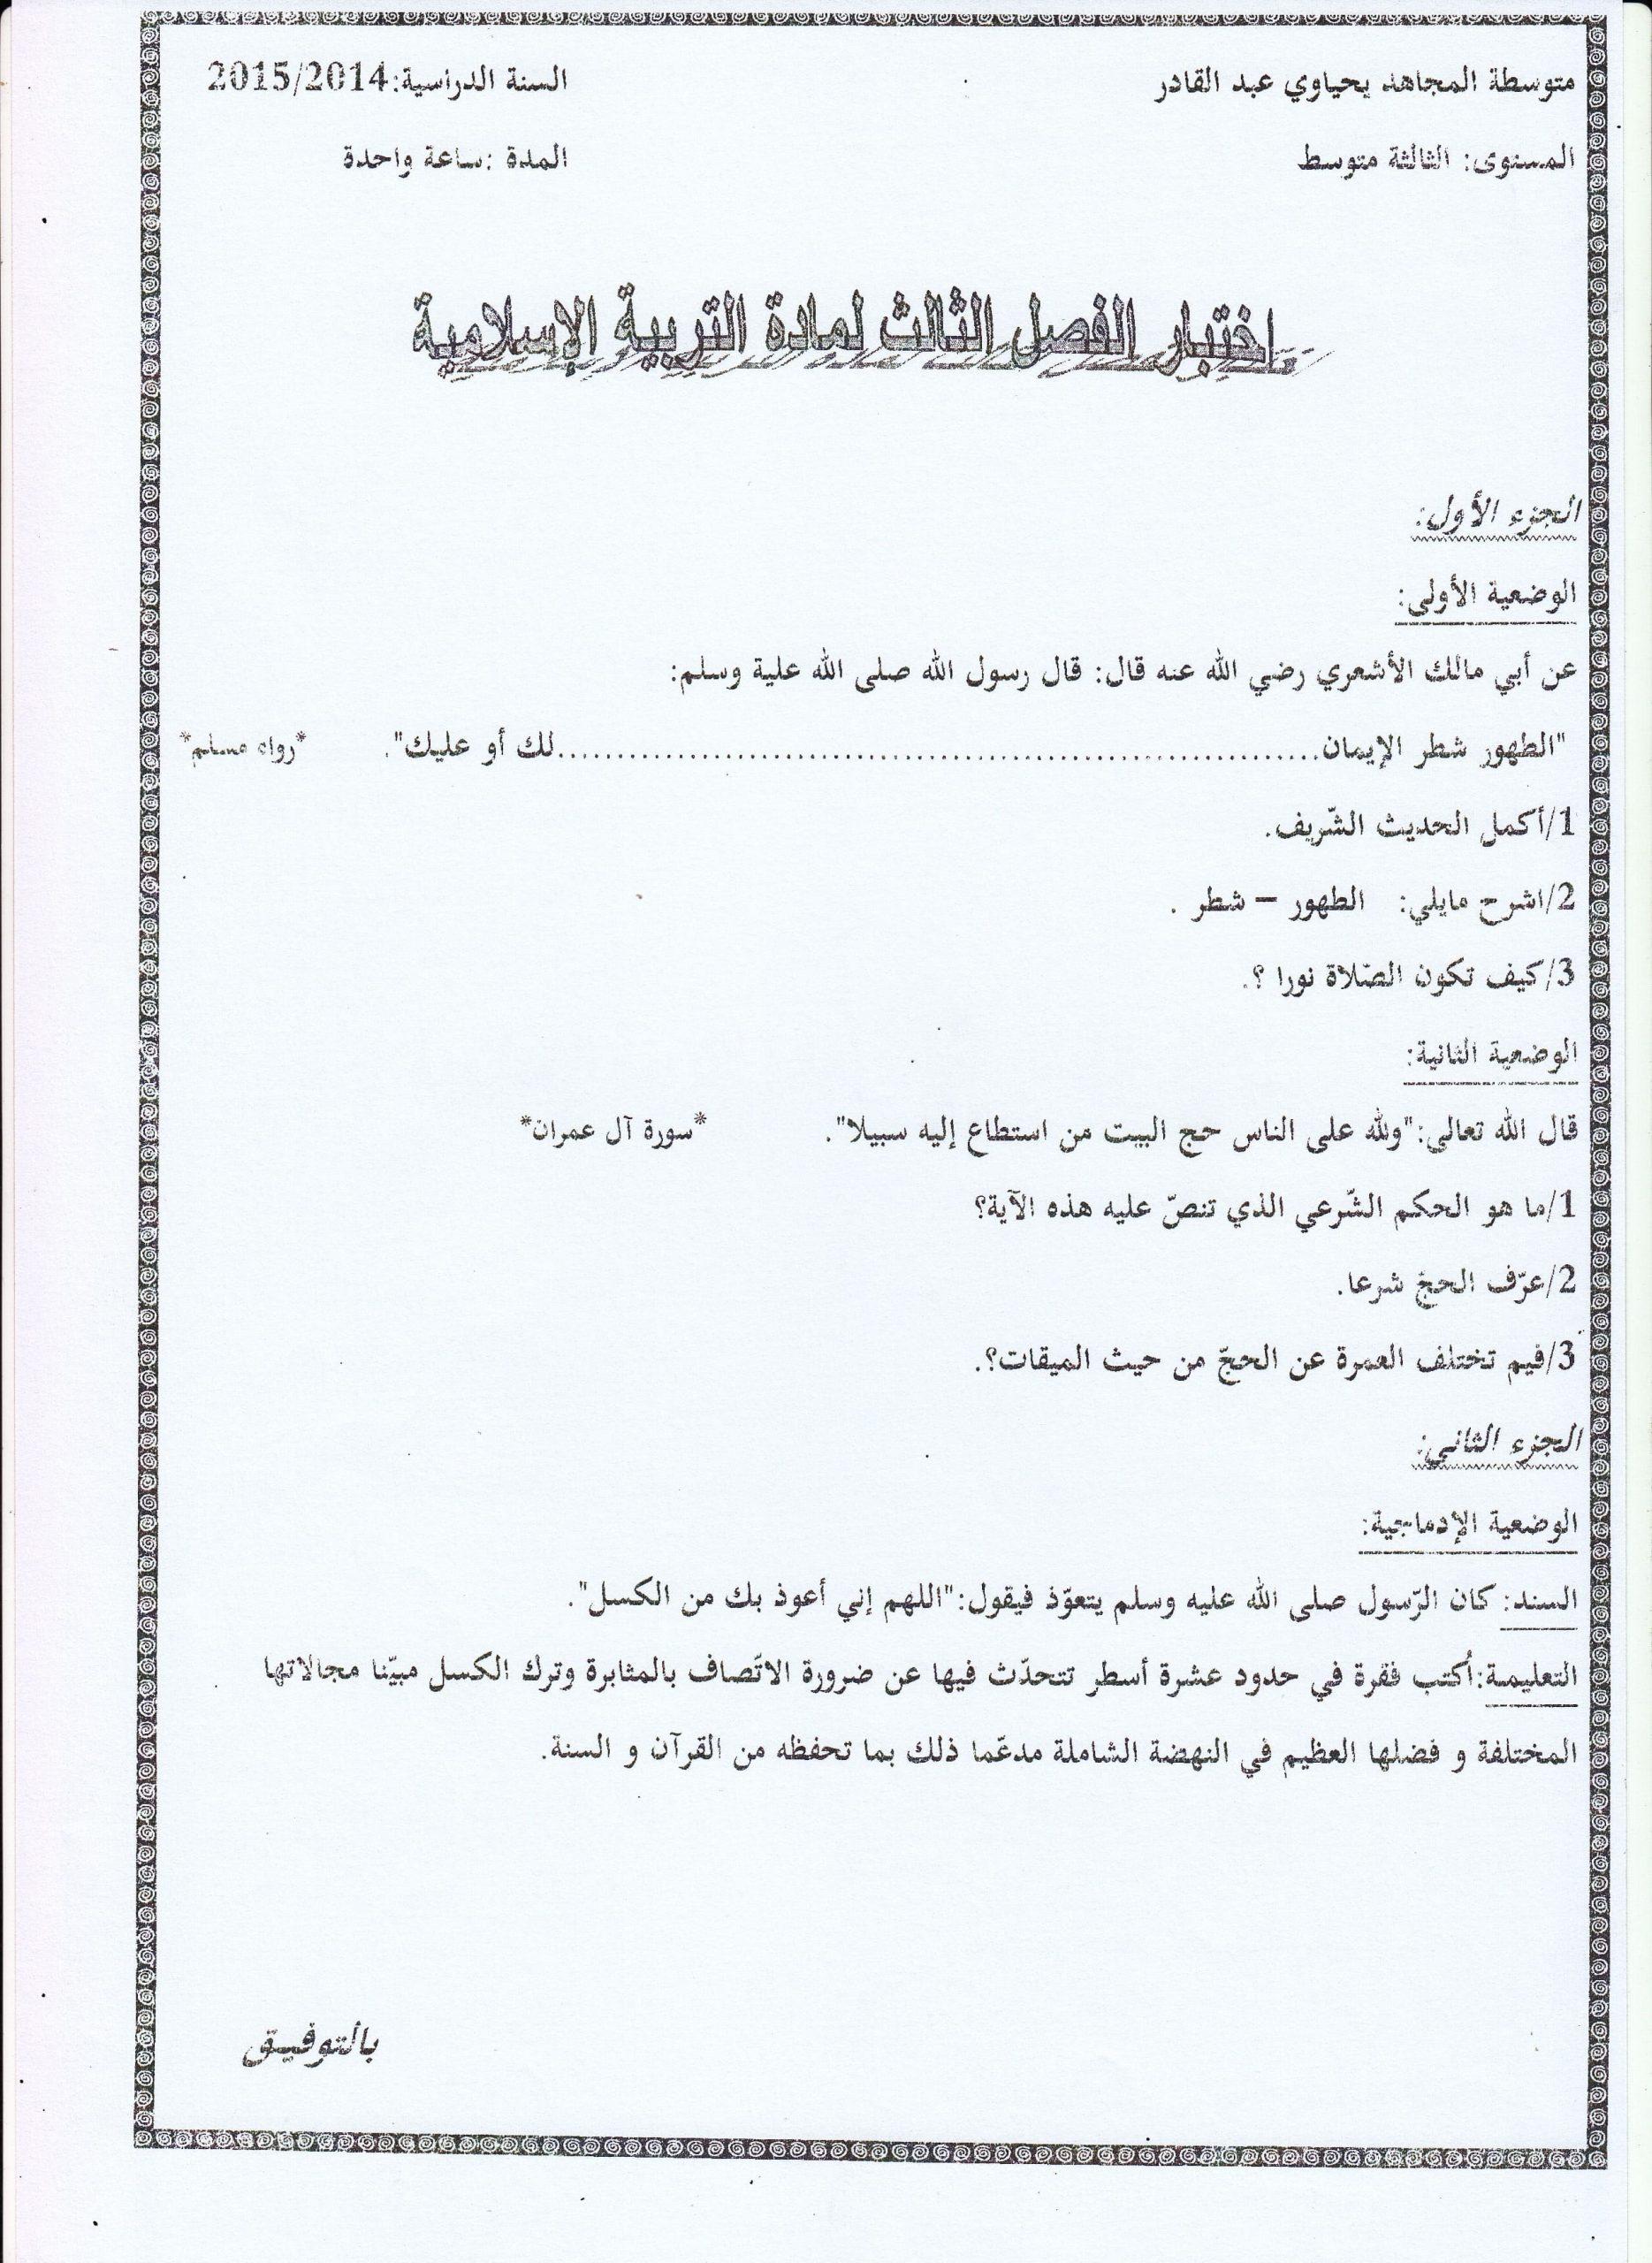 اختبار الفصل الثالث في التربية الاسلامية السنة الثالثة متوسط | الموضوع 03